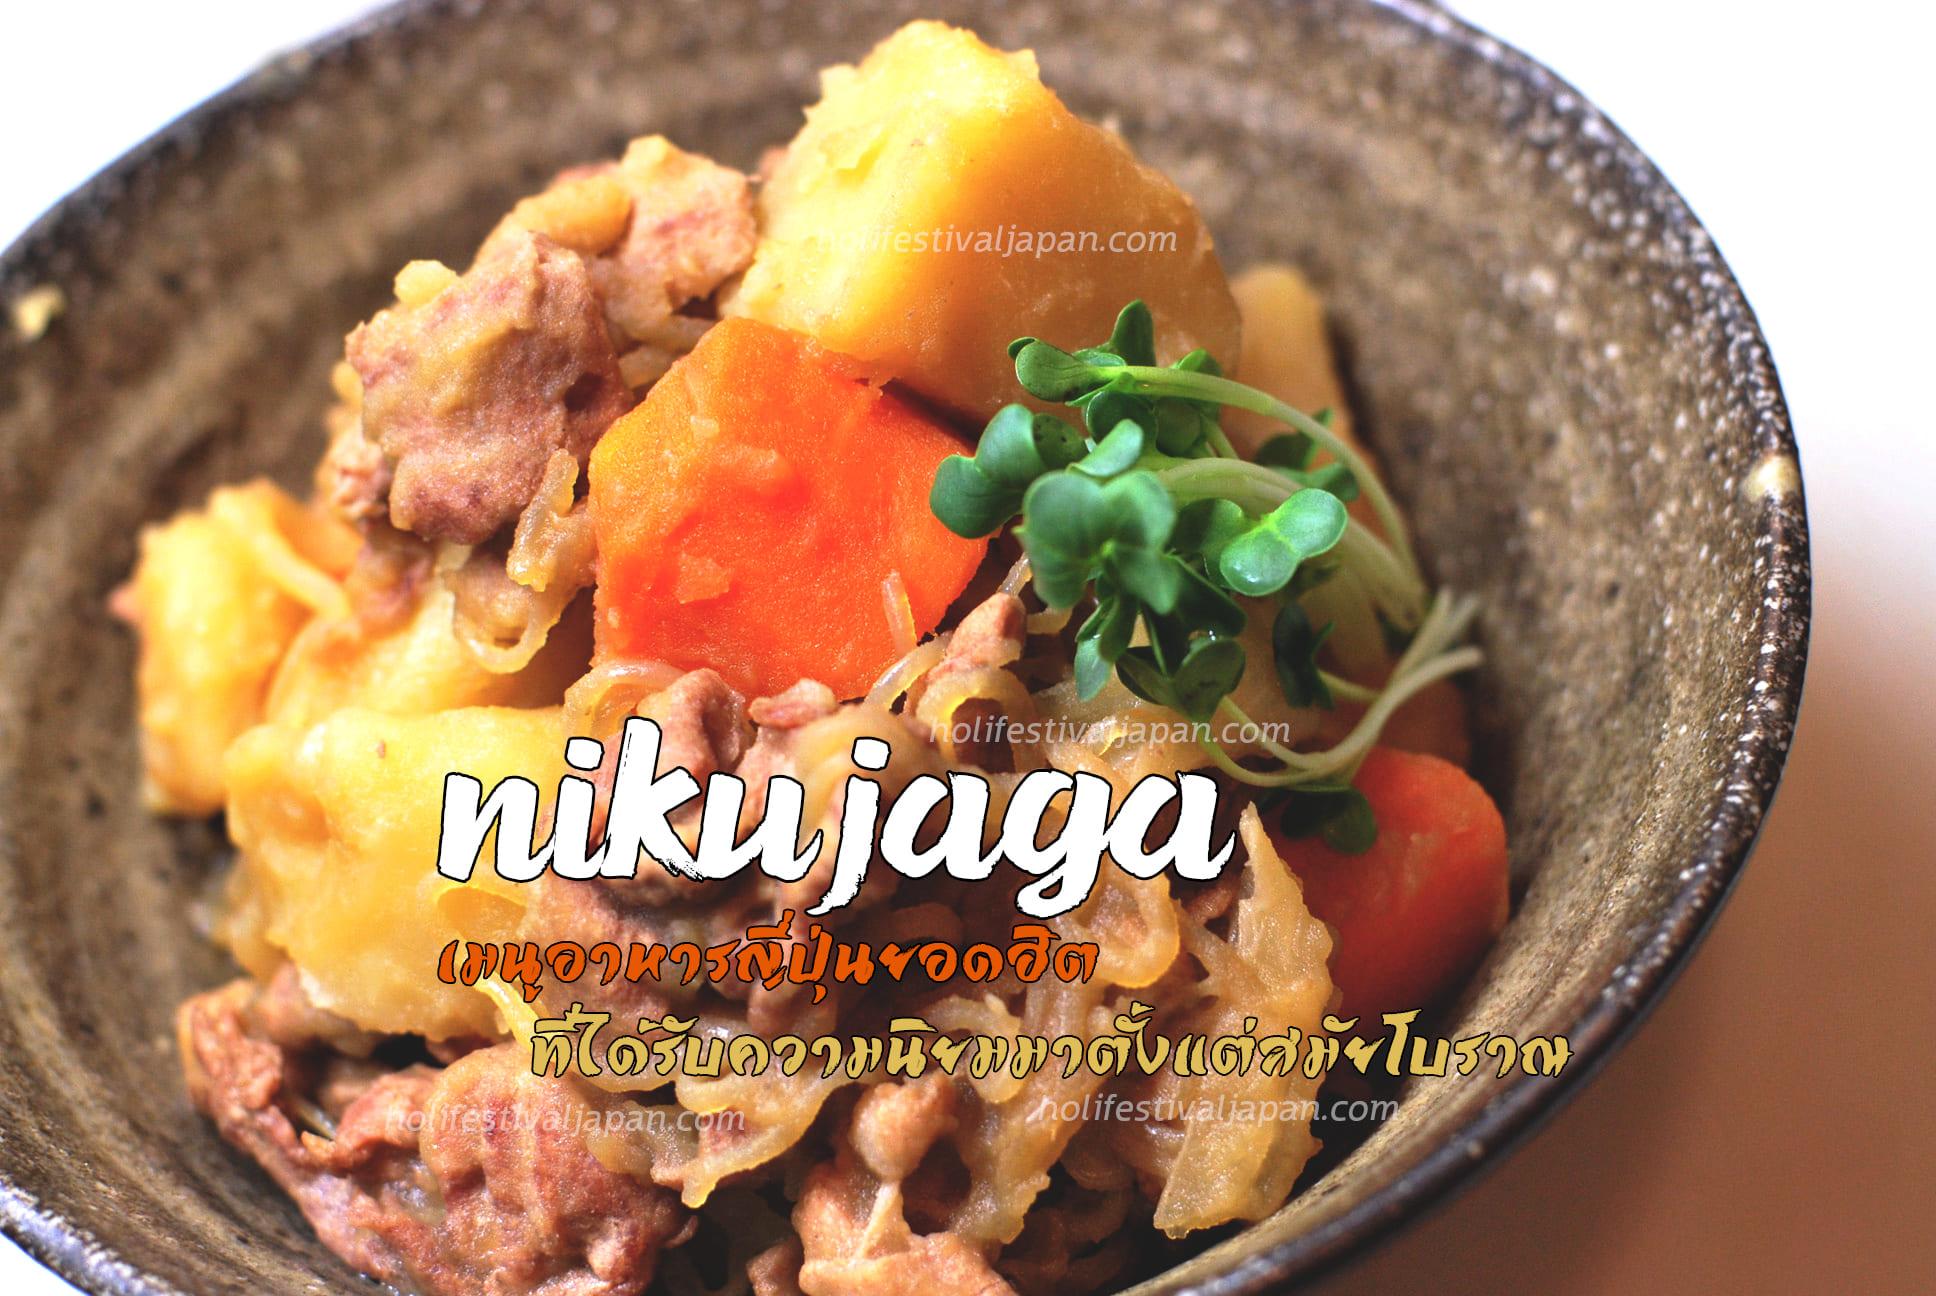 Nikujaga ทำความรู้จักกับอาหารญี่ปุ่น ที่เป็นรูปแบบอาหารโบราณ อร่อยเข้มข้น